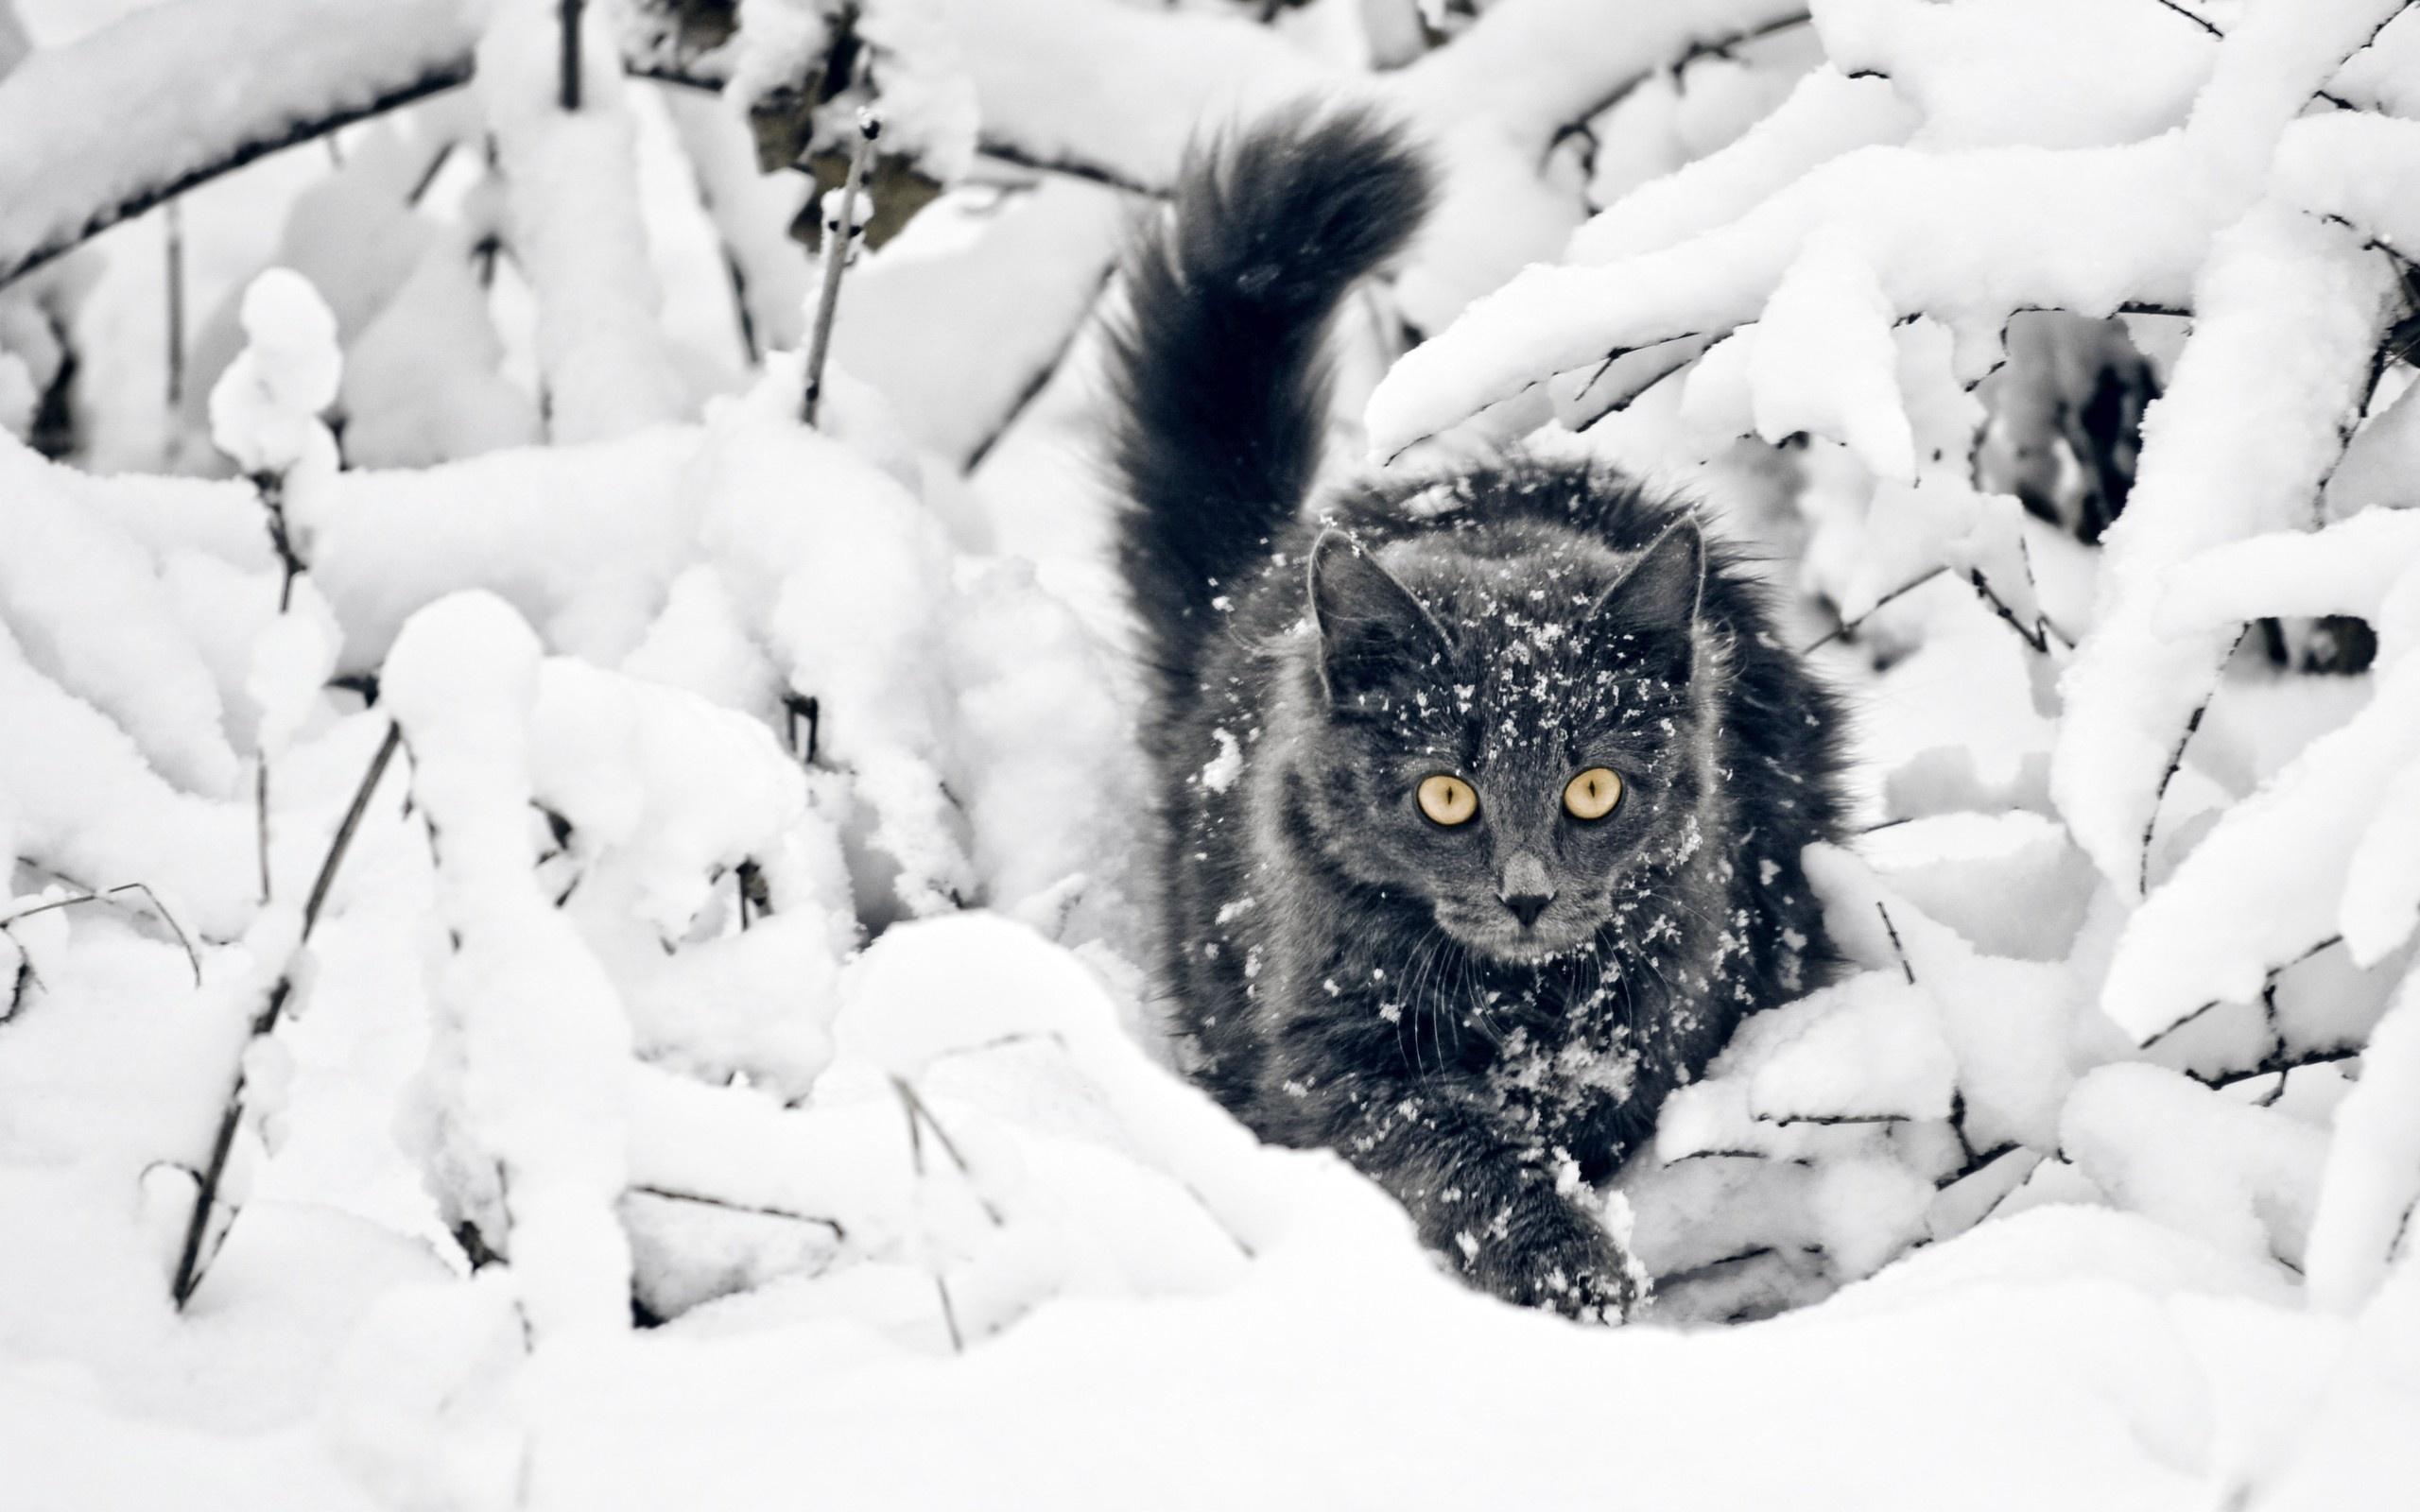 красивые картинки животных в снегу символ благополучия достатка